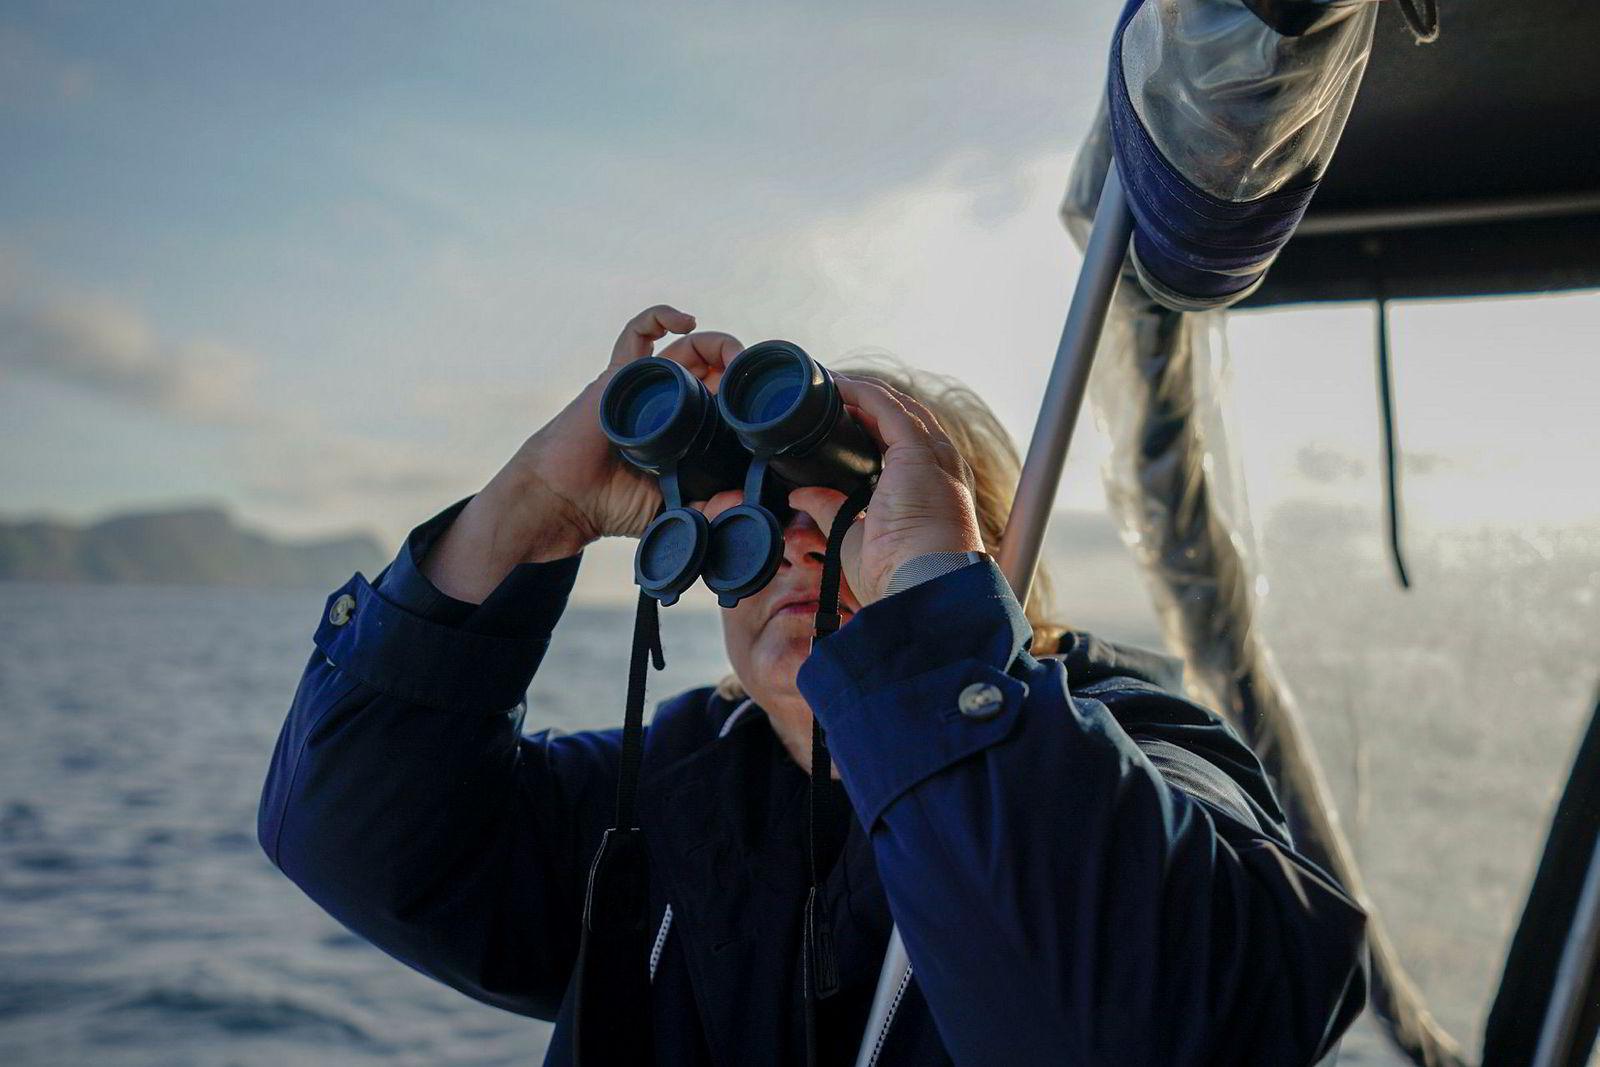 Statsminister Erna Solberg bruker en kikkert for å se på fuglefjellet på Runde. Mange av fuglene har bygget reder av plast